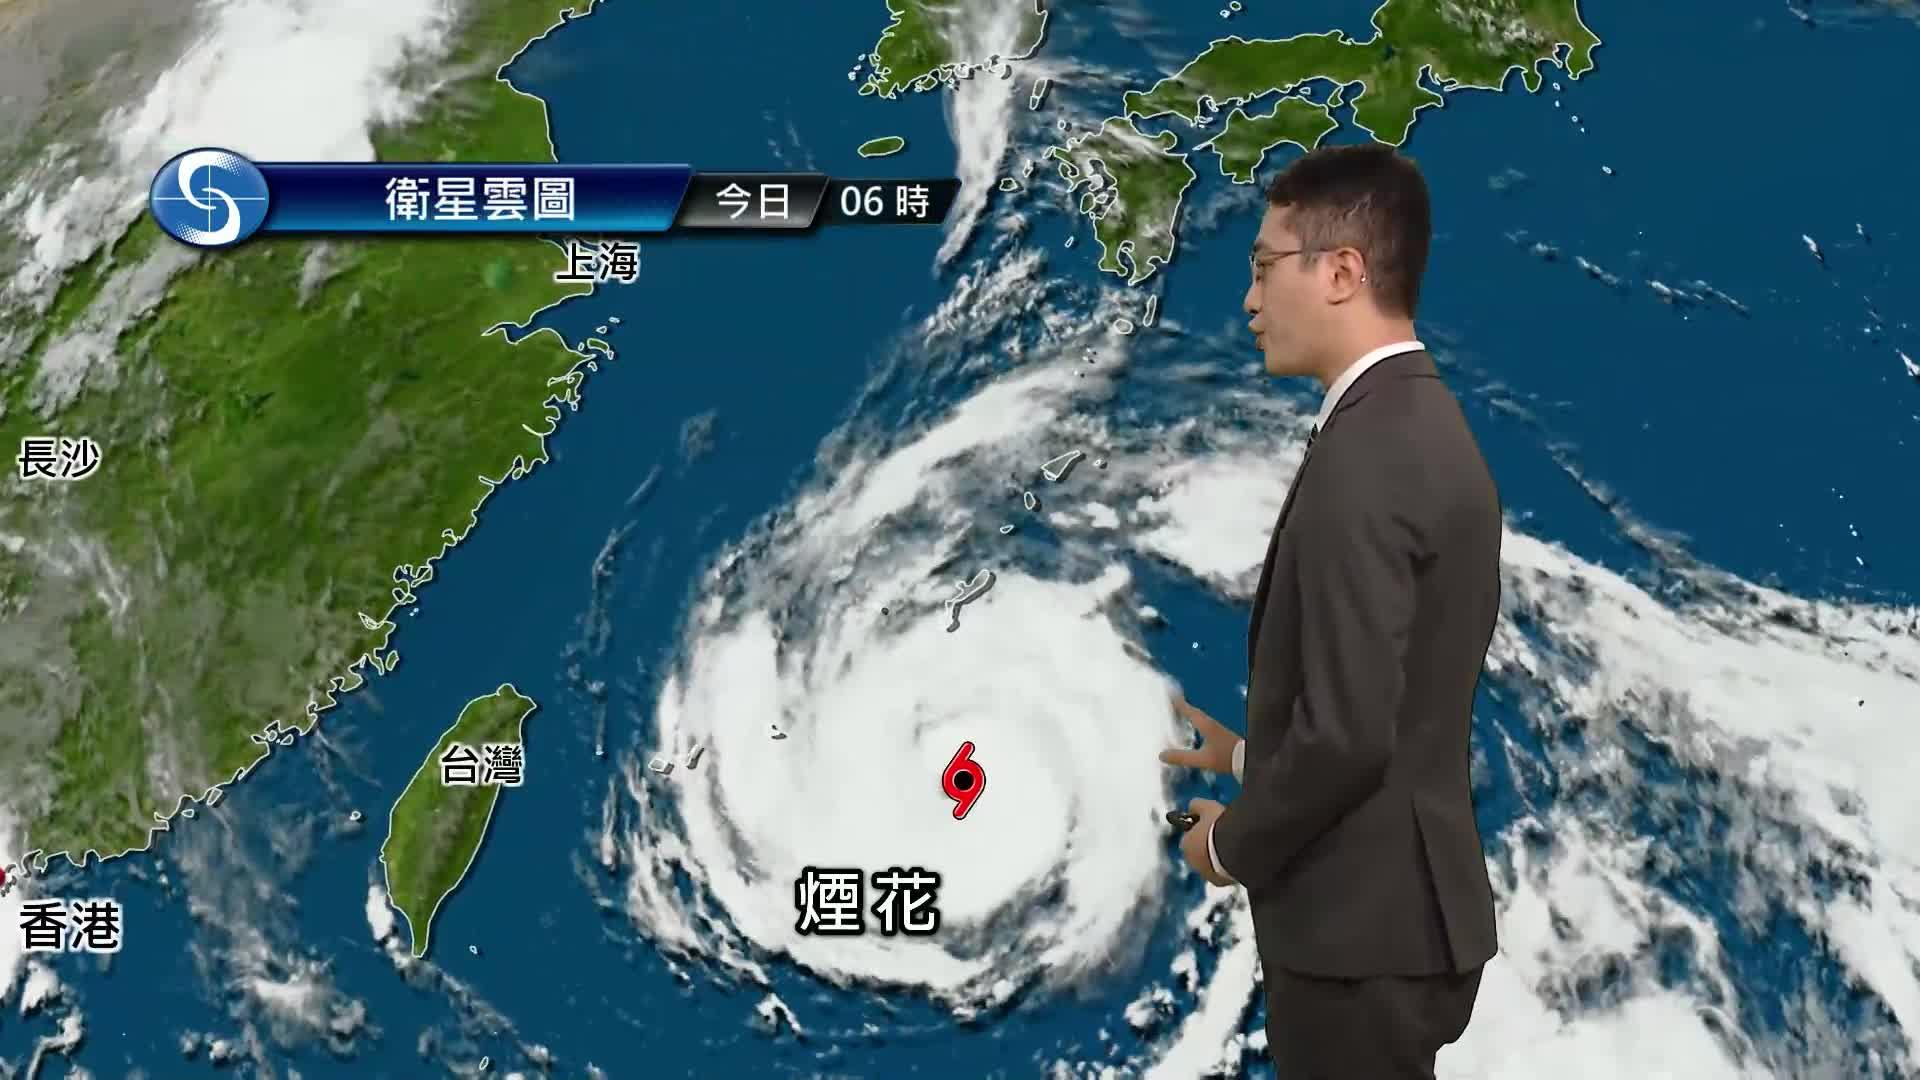 早晨天氣節目(07月21日上午8時) - 科學主任陳恩進